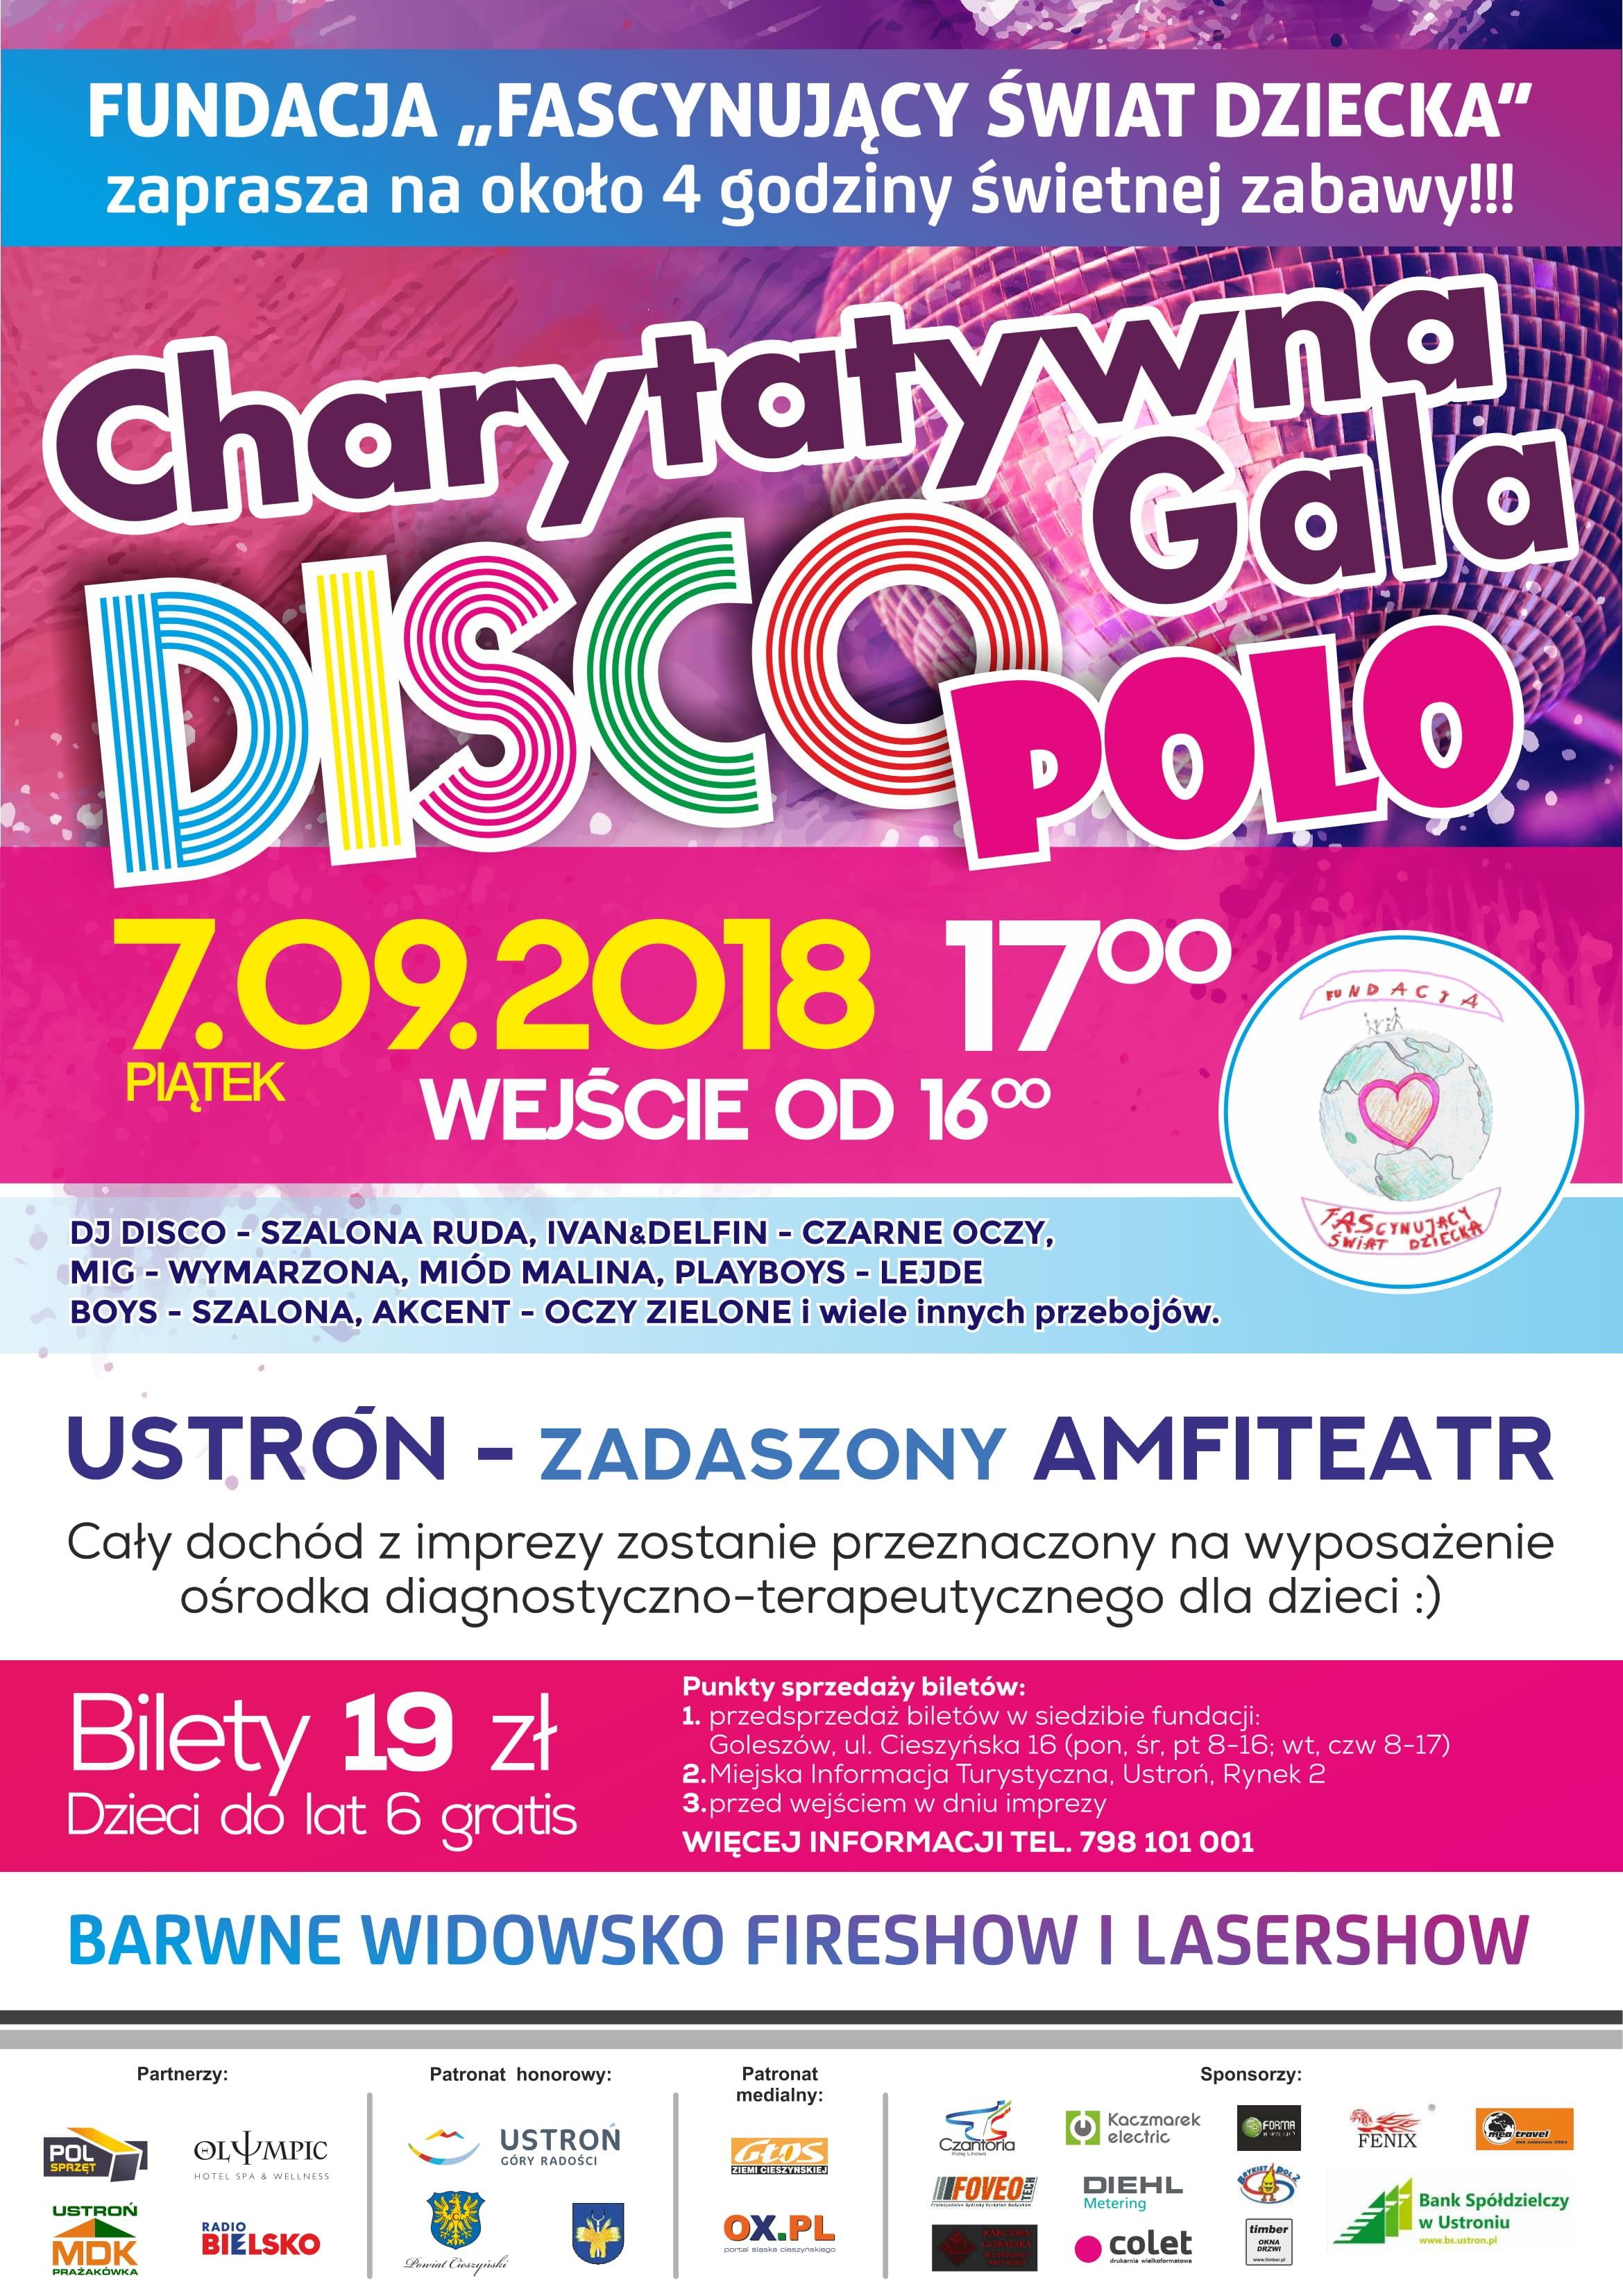 Charytatywna Gala Disco Polo